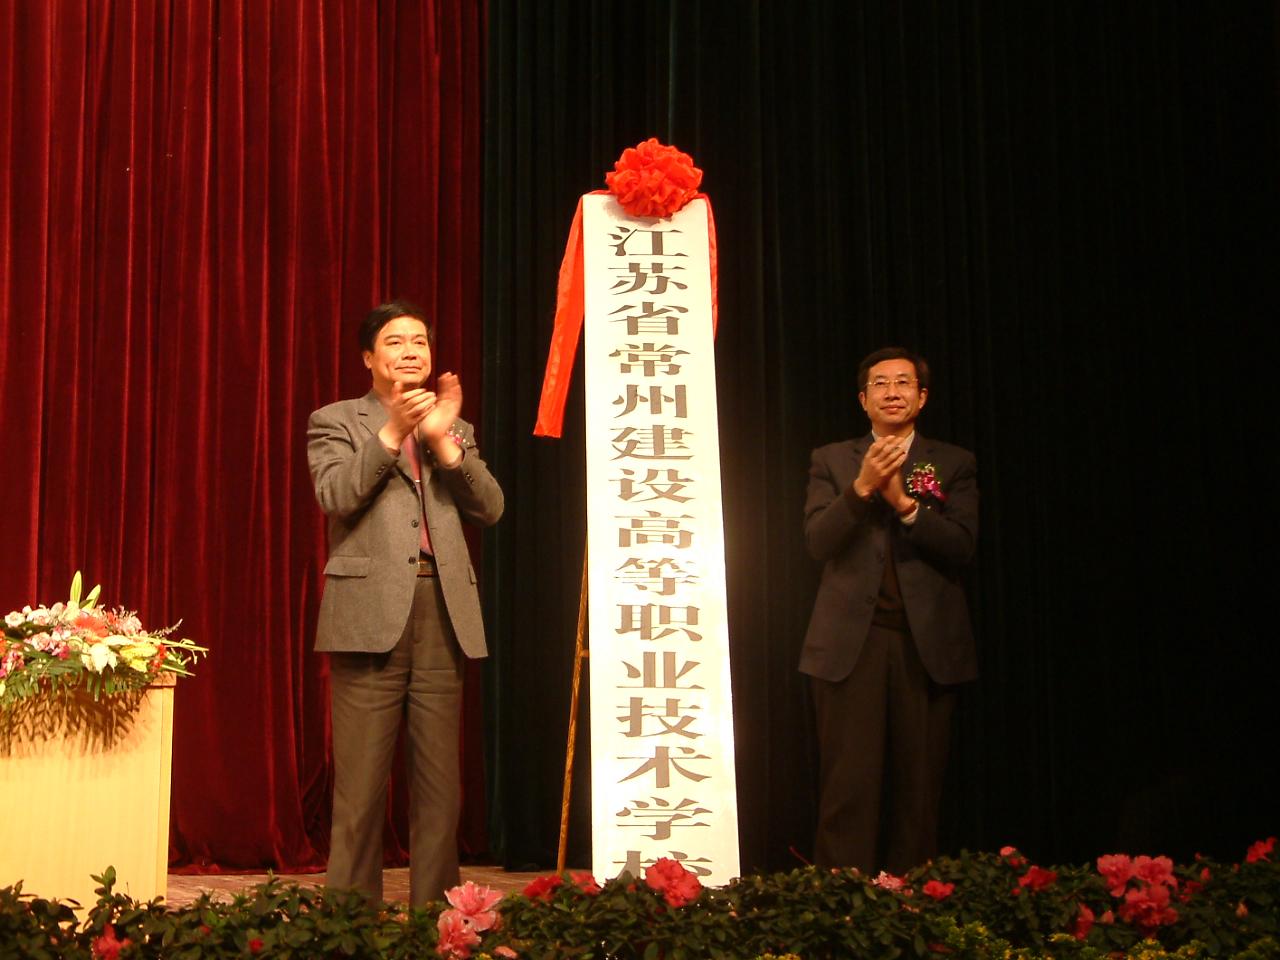 2003年12月28日,江苏省建设厅厅长周游与省教育厅副厅长殷翔文为学校揭牌。